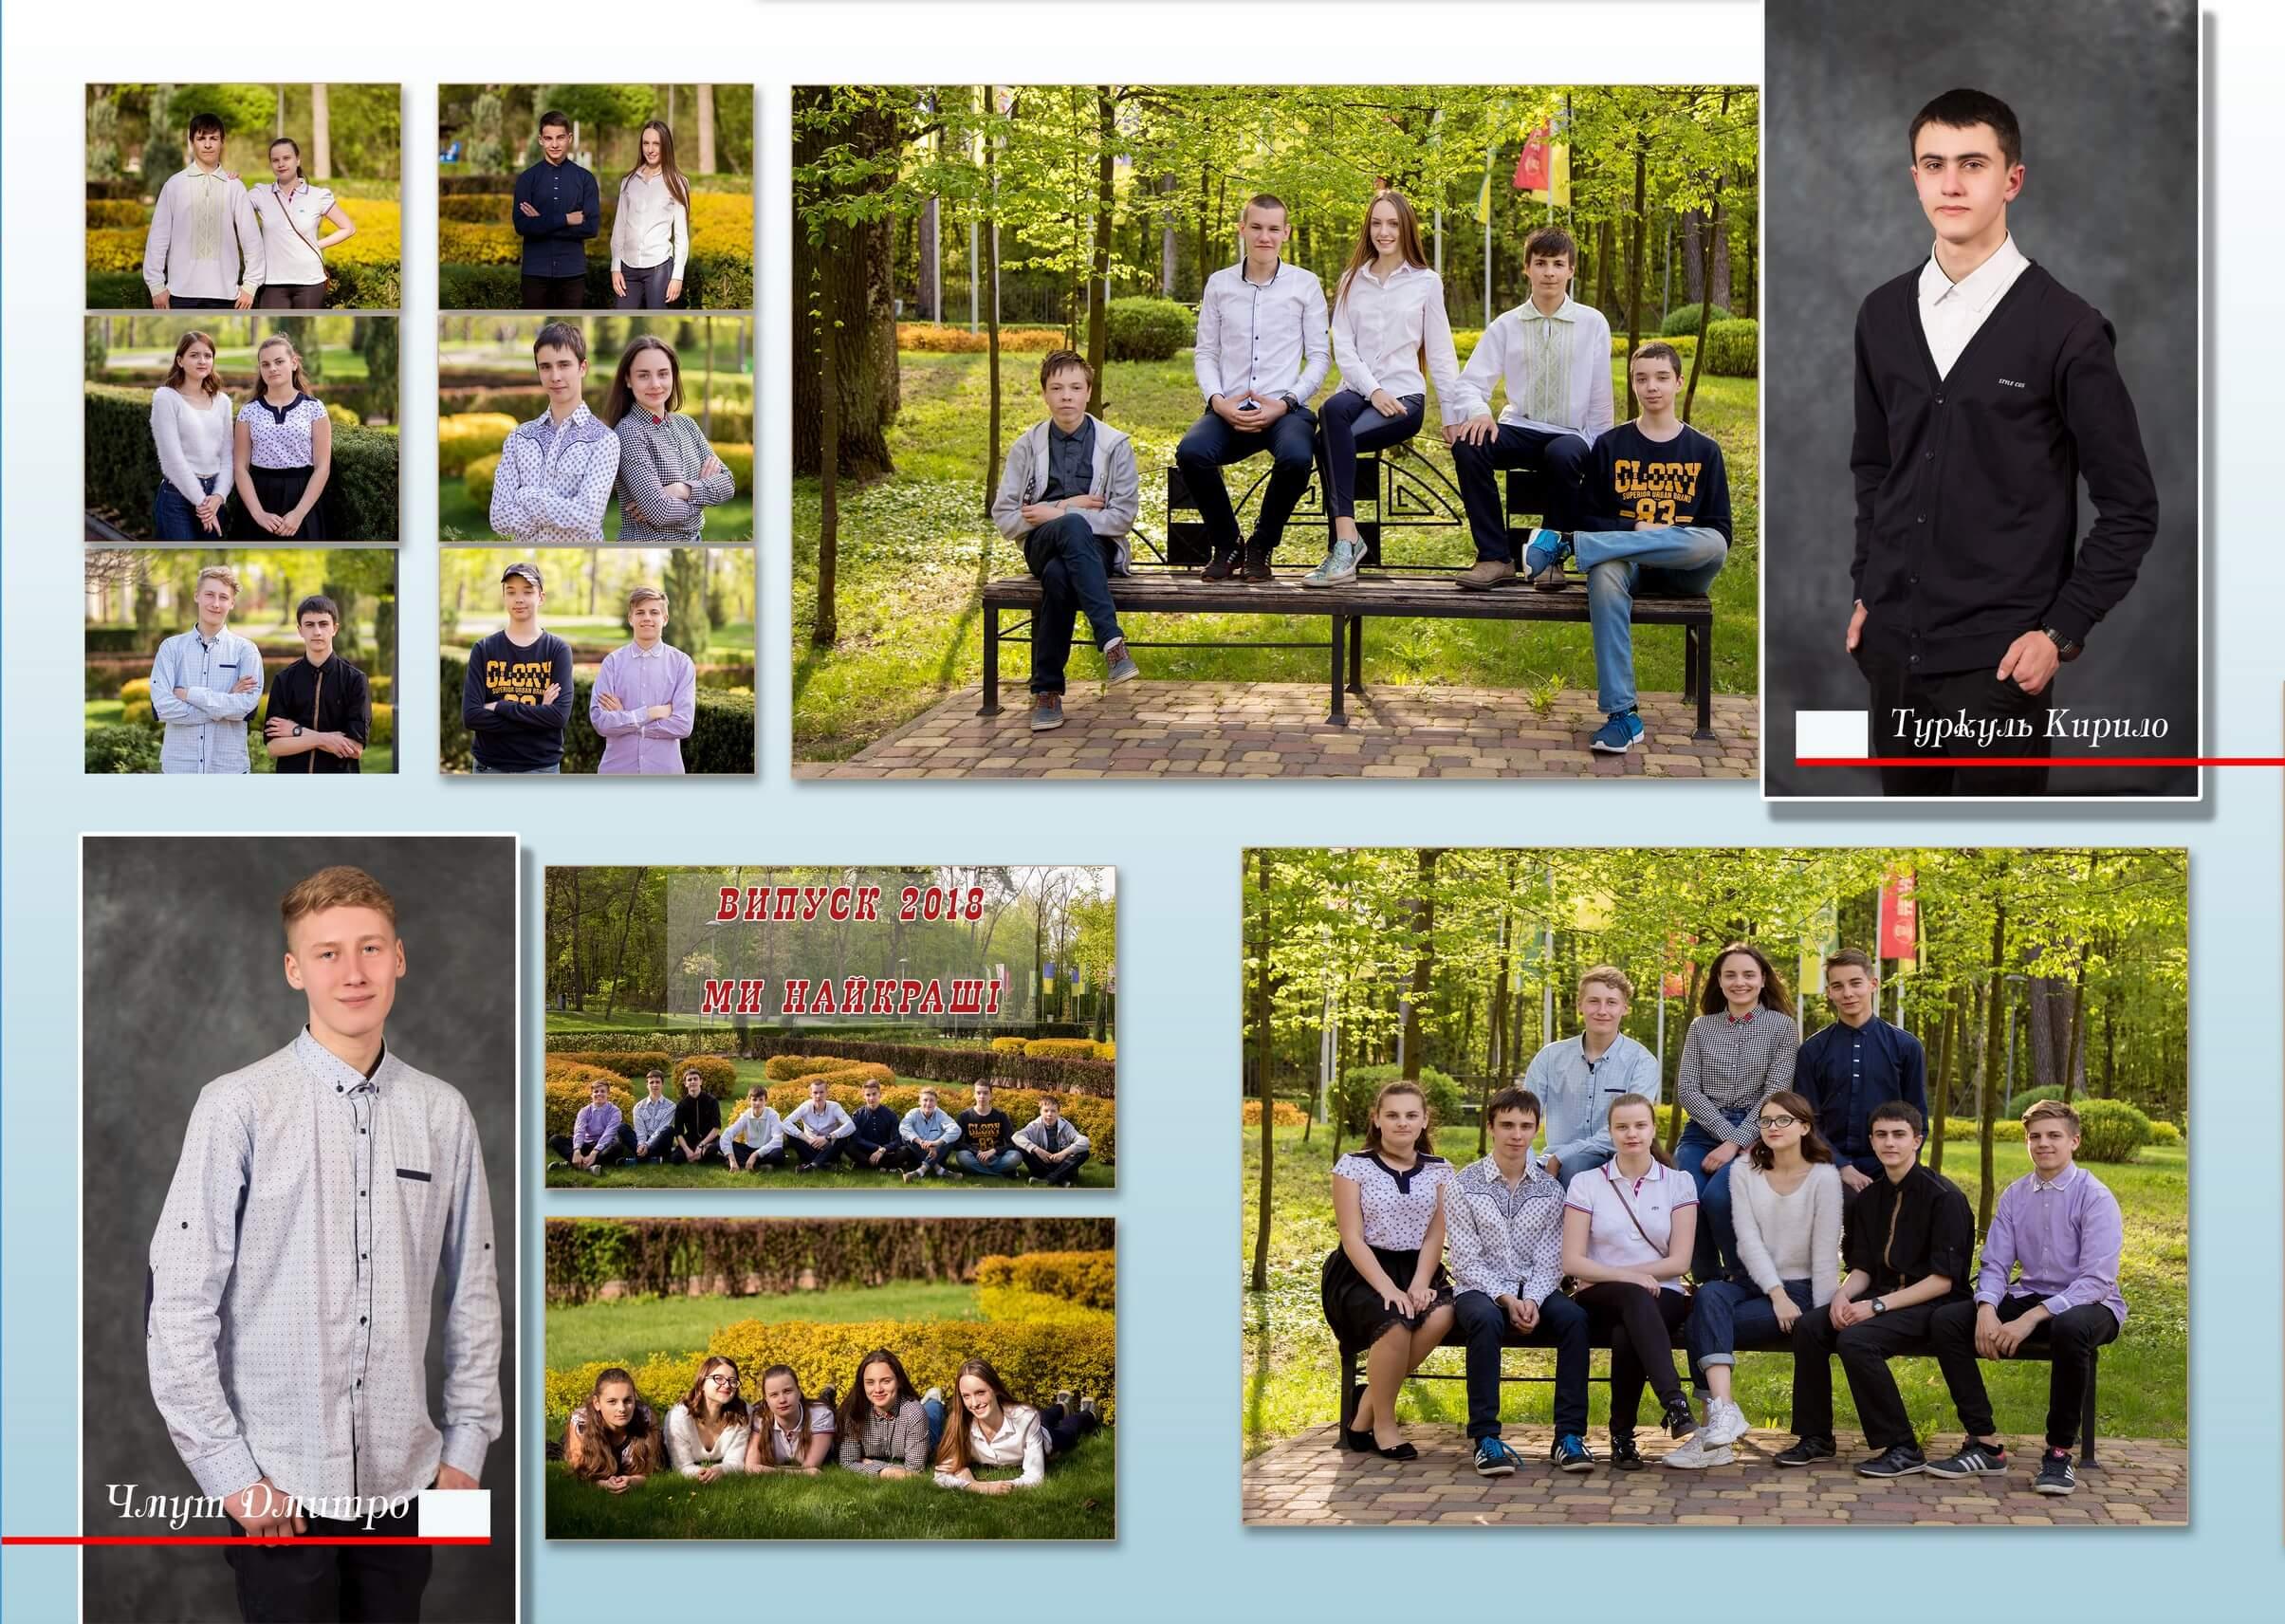 Vypusknye al'bomy Kiev Bucha Irpen' Gostomel' Vypusknoj al'bom dlja starshih klassov shkoly 4 9 11 klass obrazcy vypusknyh al'bomov zakazat' fotografa v shkolu